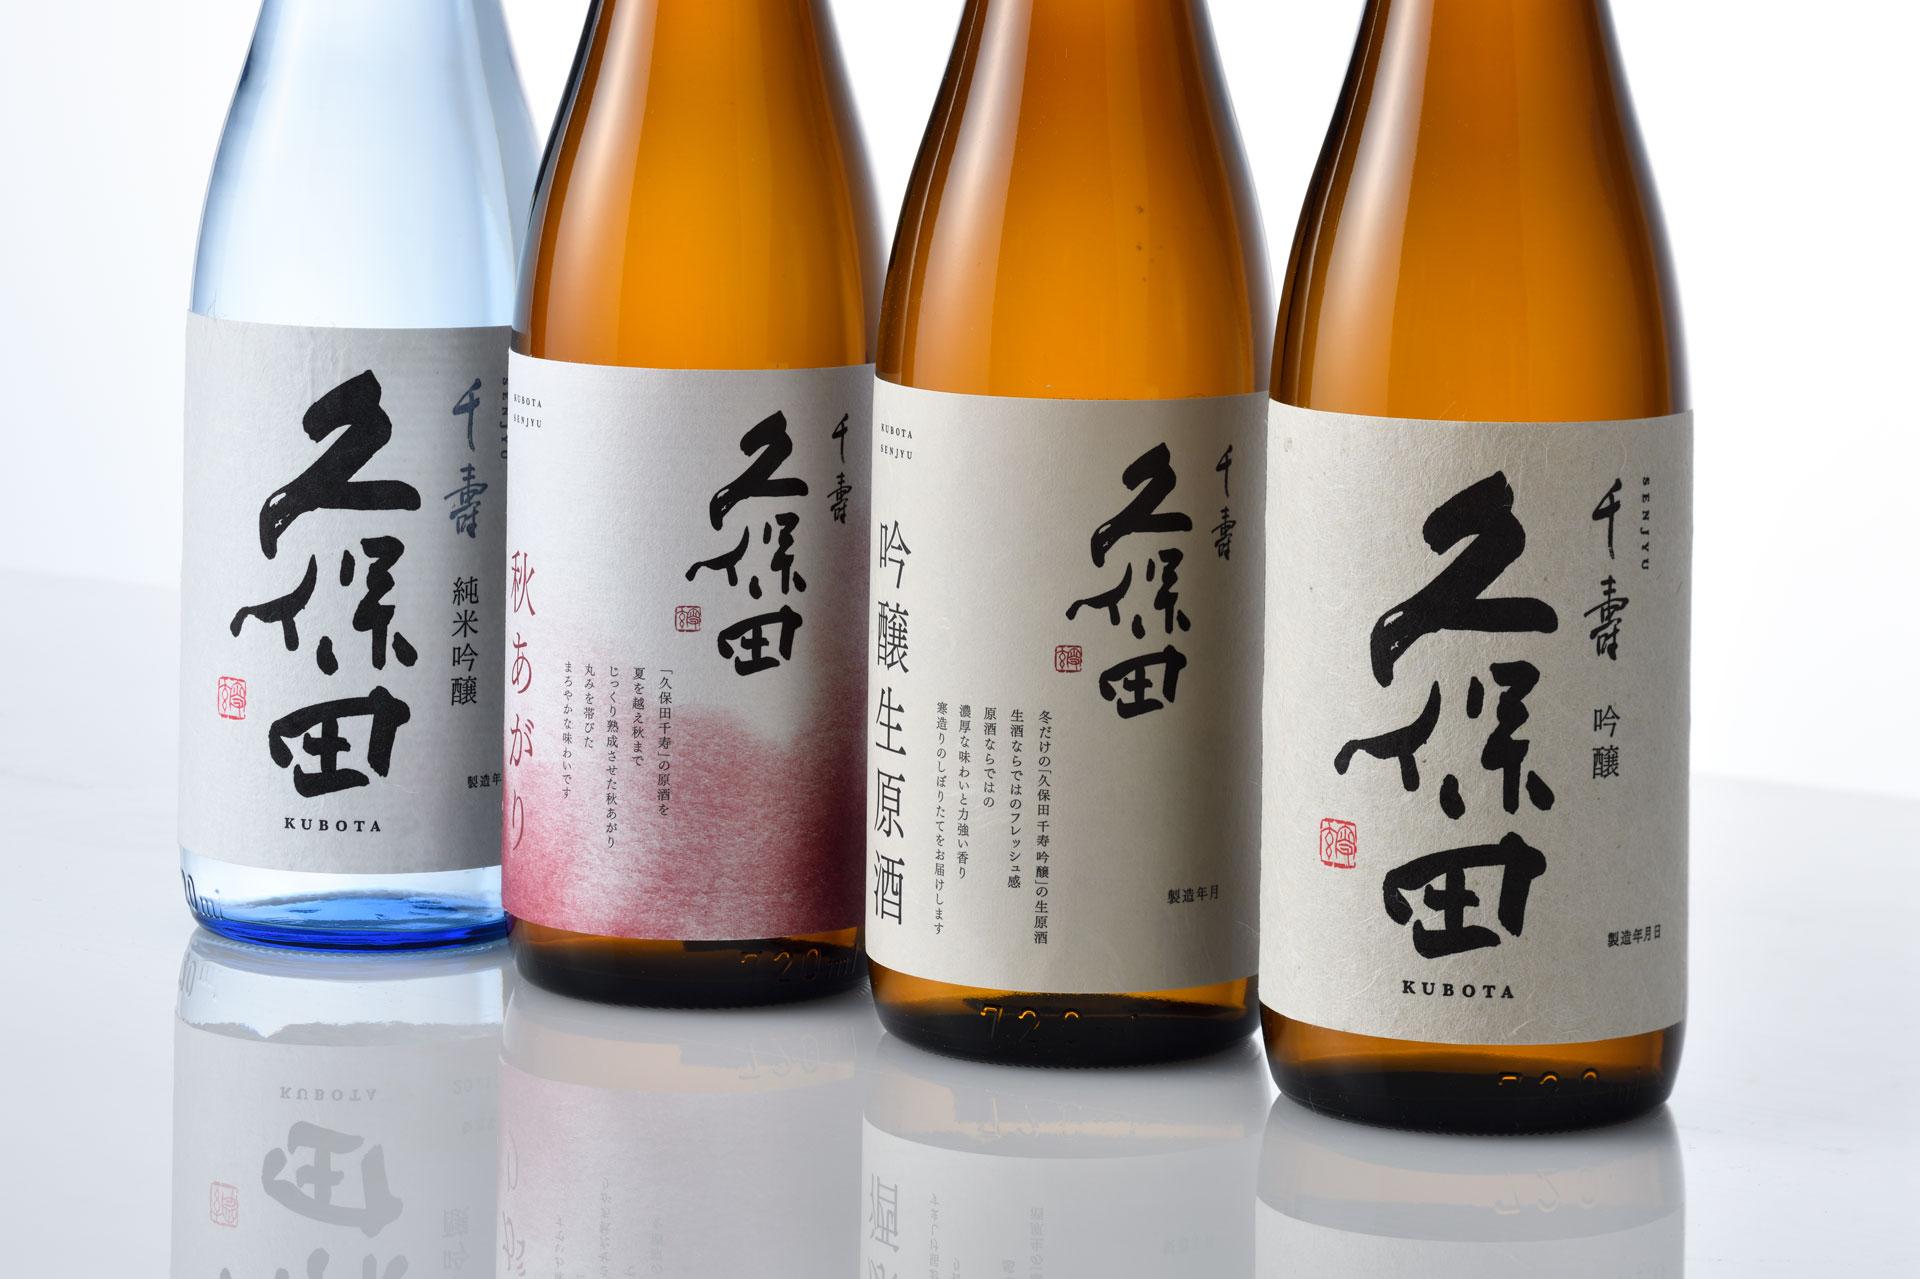 新商品登場!「久保田 千寿」ライン4種それぞれの味わい、おすすめの飲み方を紹介